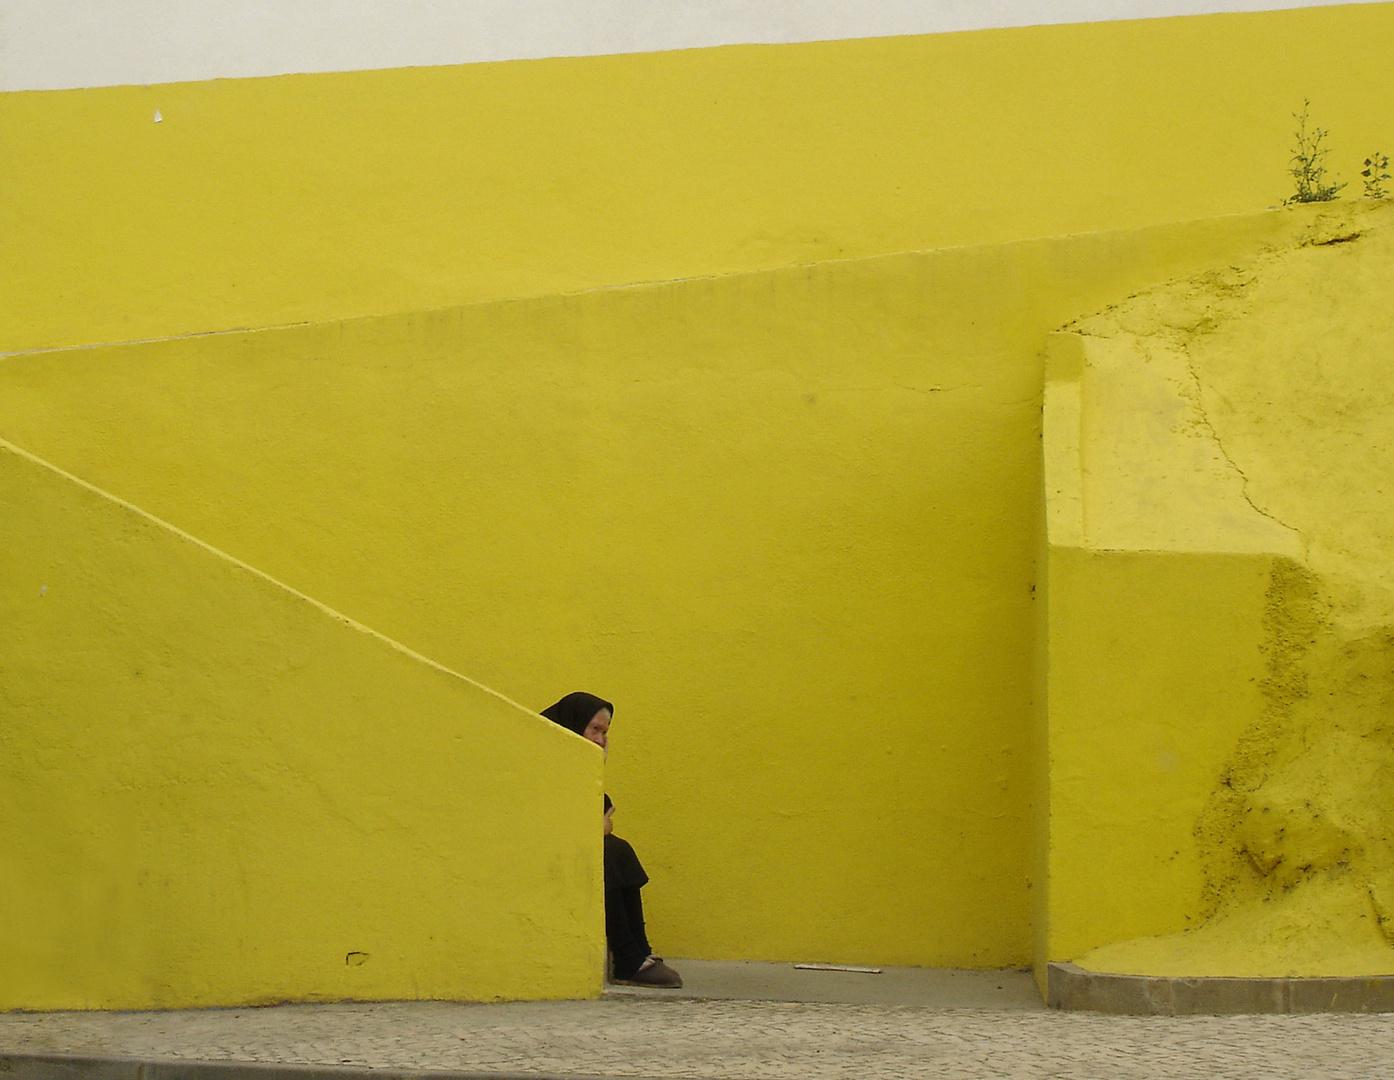 Solitudine a Coimbra